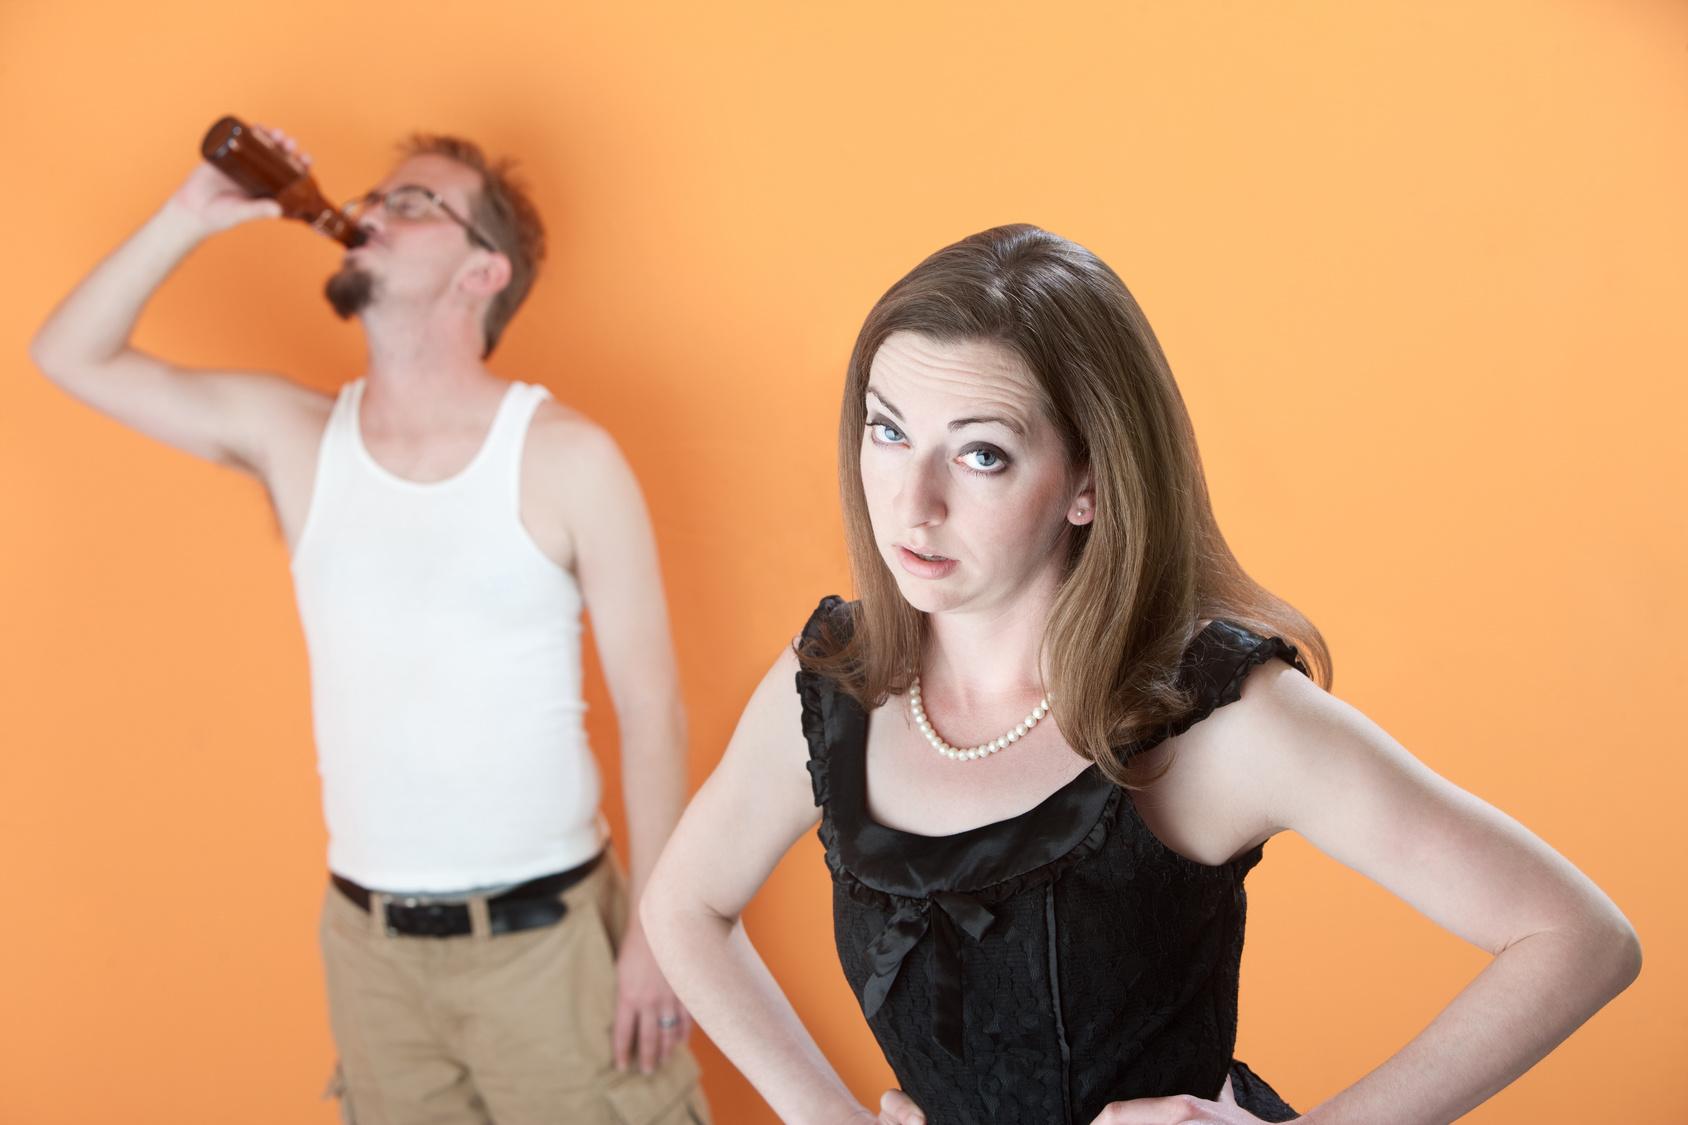 муж пьет жена сердита